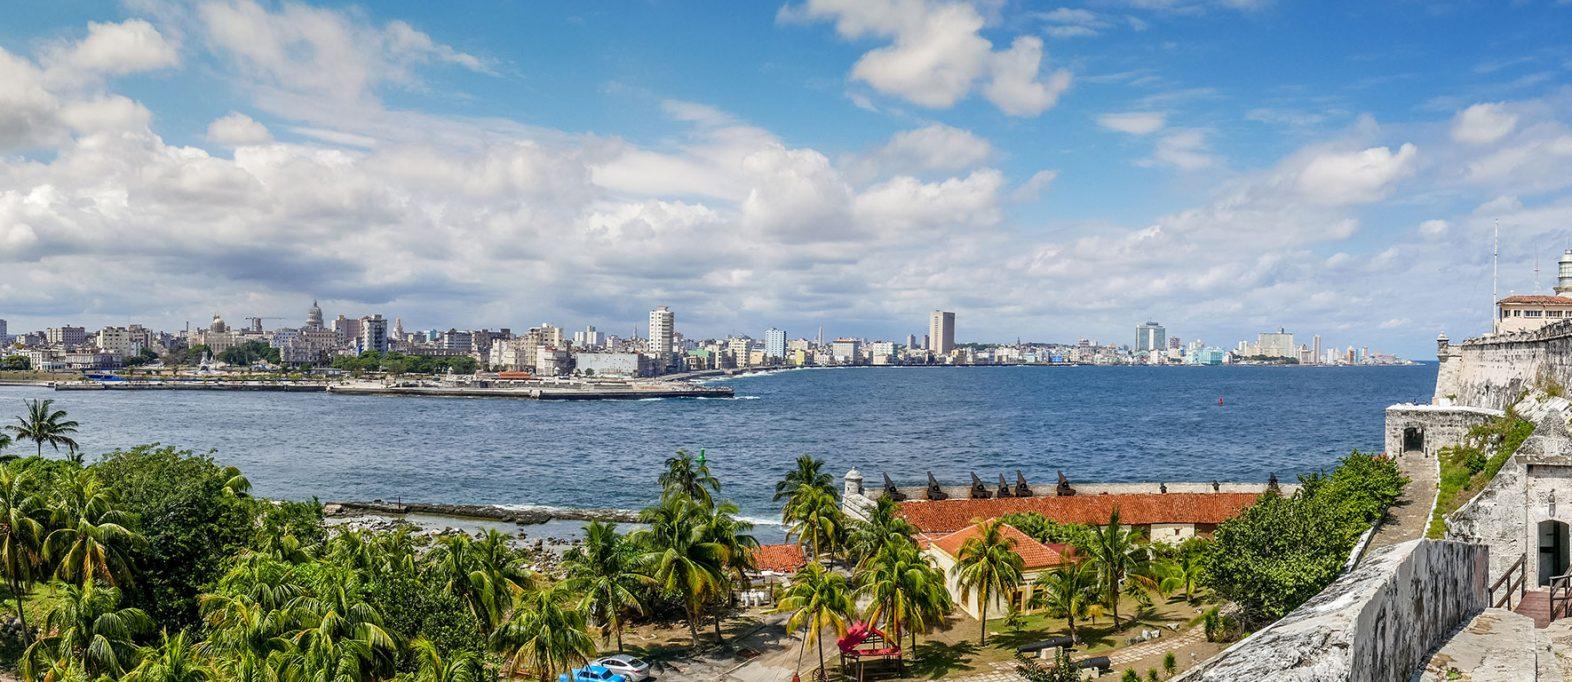 Kuba Sehenswürdigkeiten Malecon Havanna